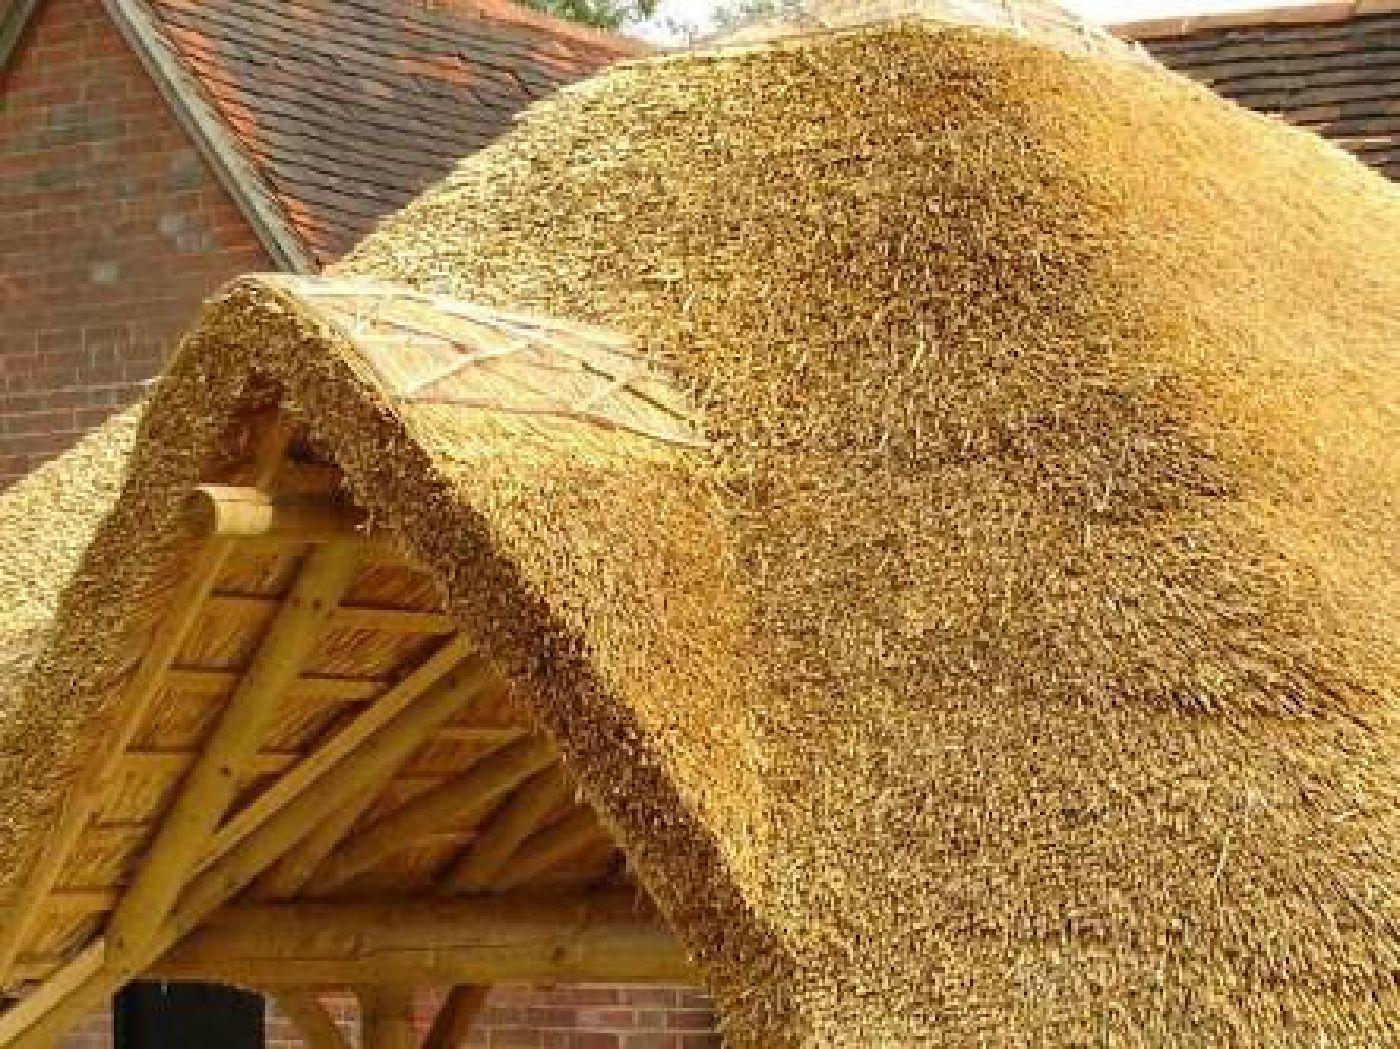 Как сделать крышу из сена